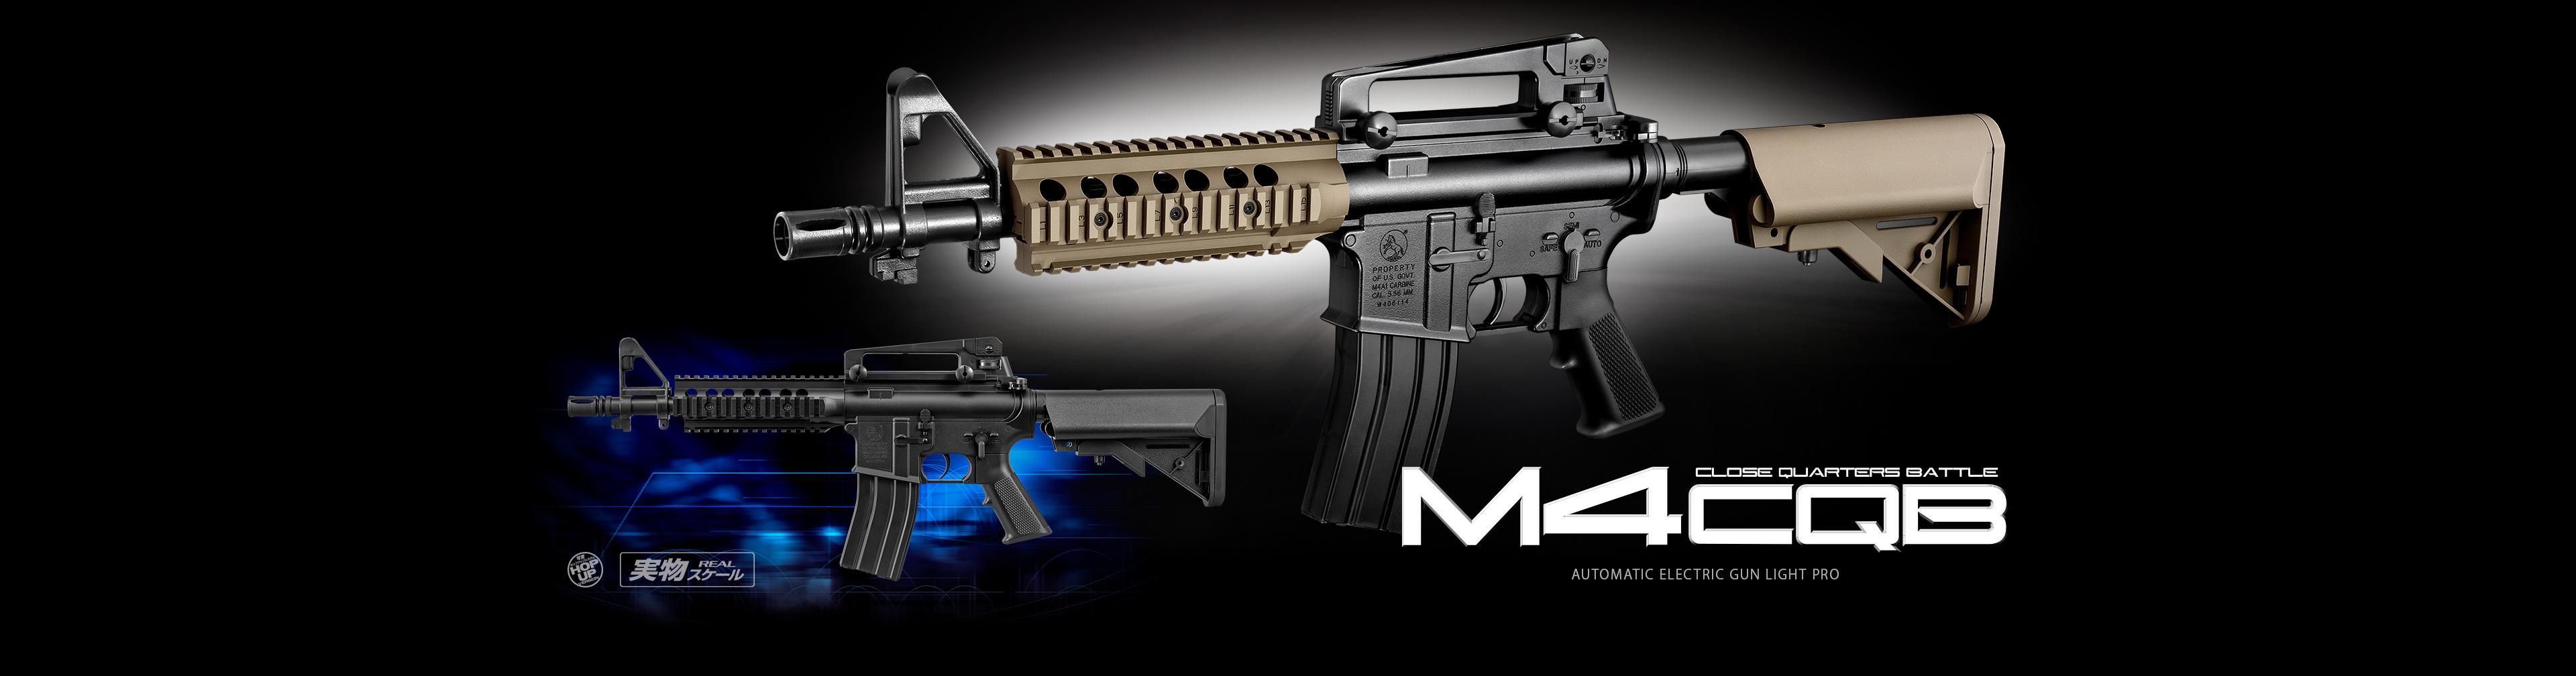 M4 CQB タンカラーモデル